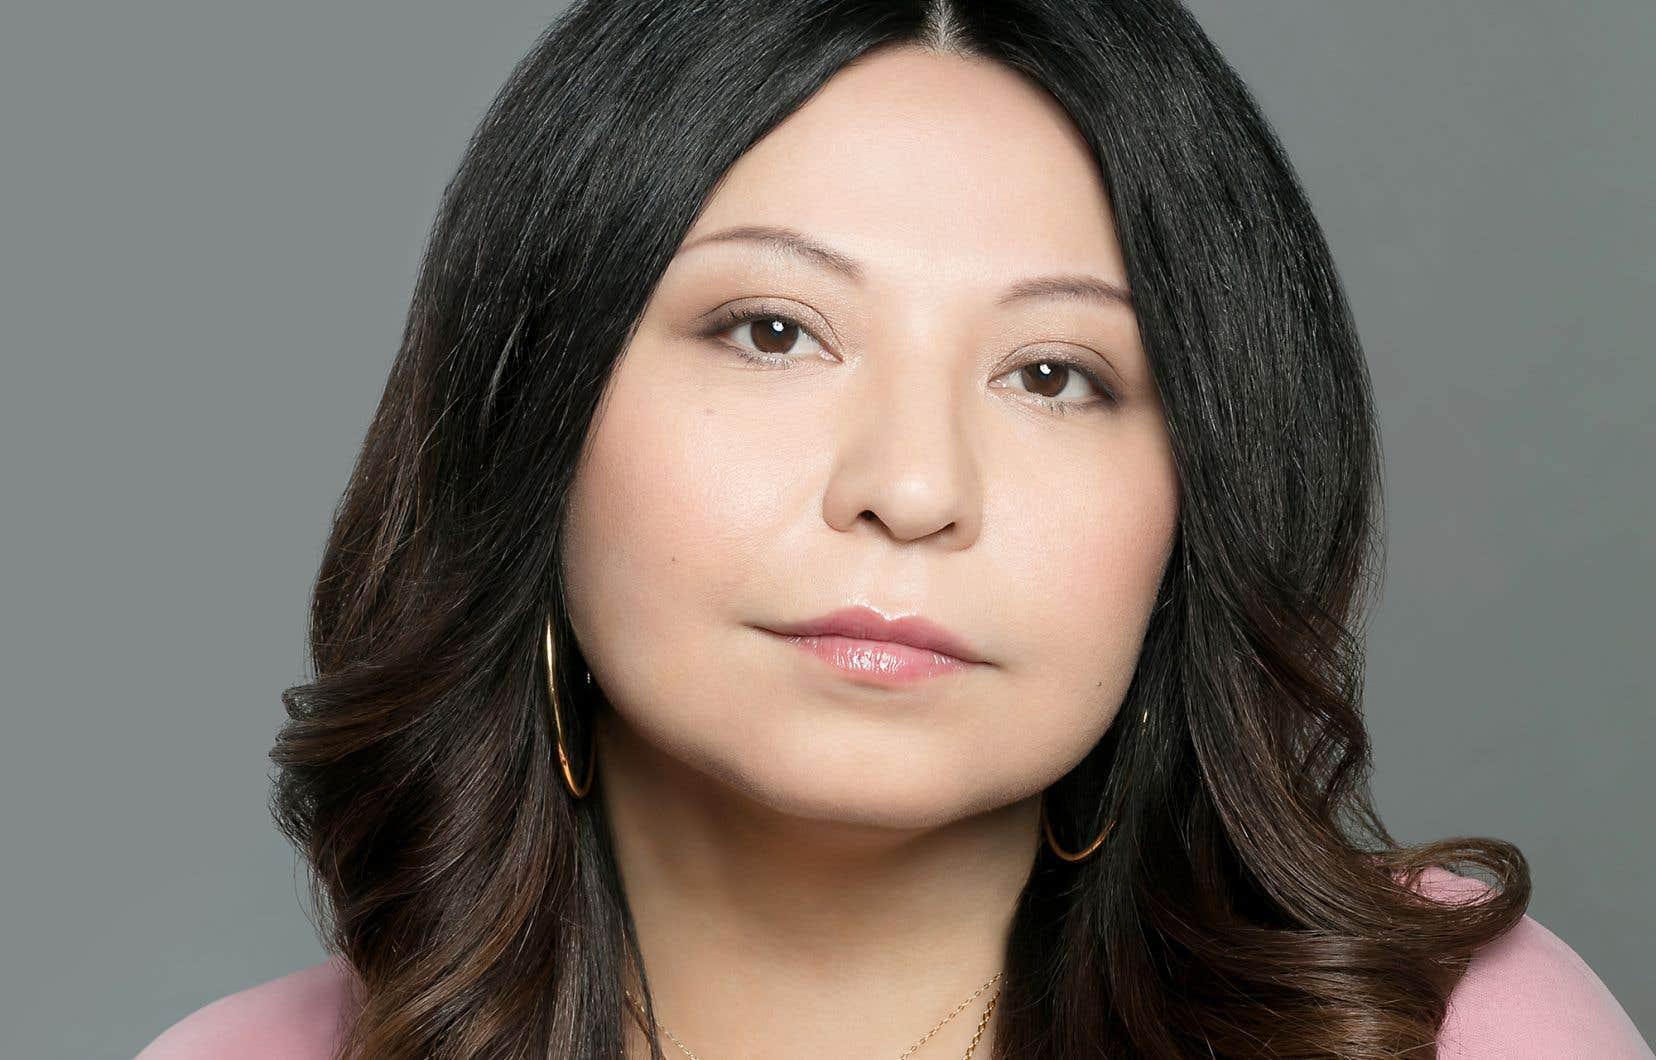 Petit bijou d'écriture, le livre de Terese Marie Mailhot traite de la résistance silencieuse à la violence chez les femmes autochtones.